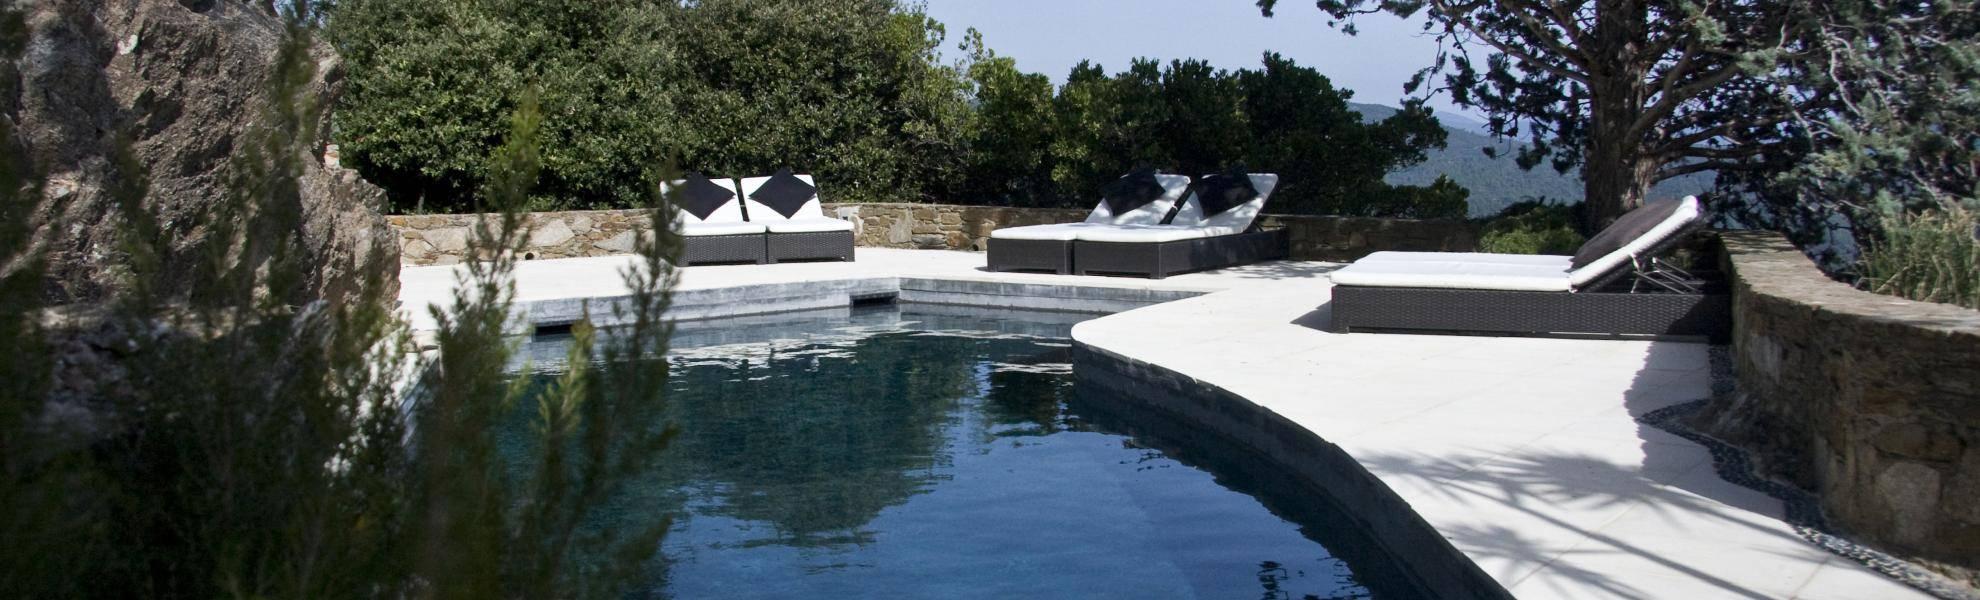 Villa Refrain